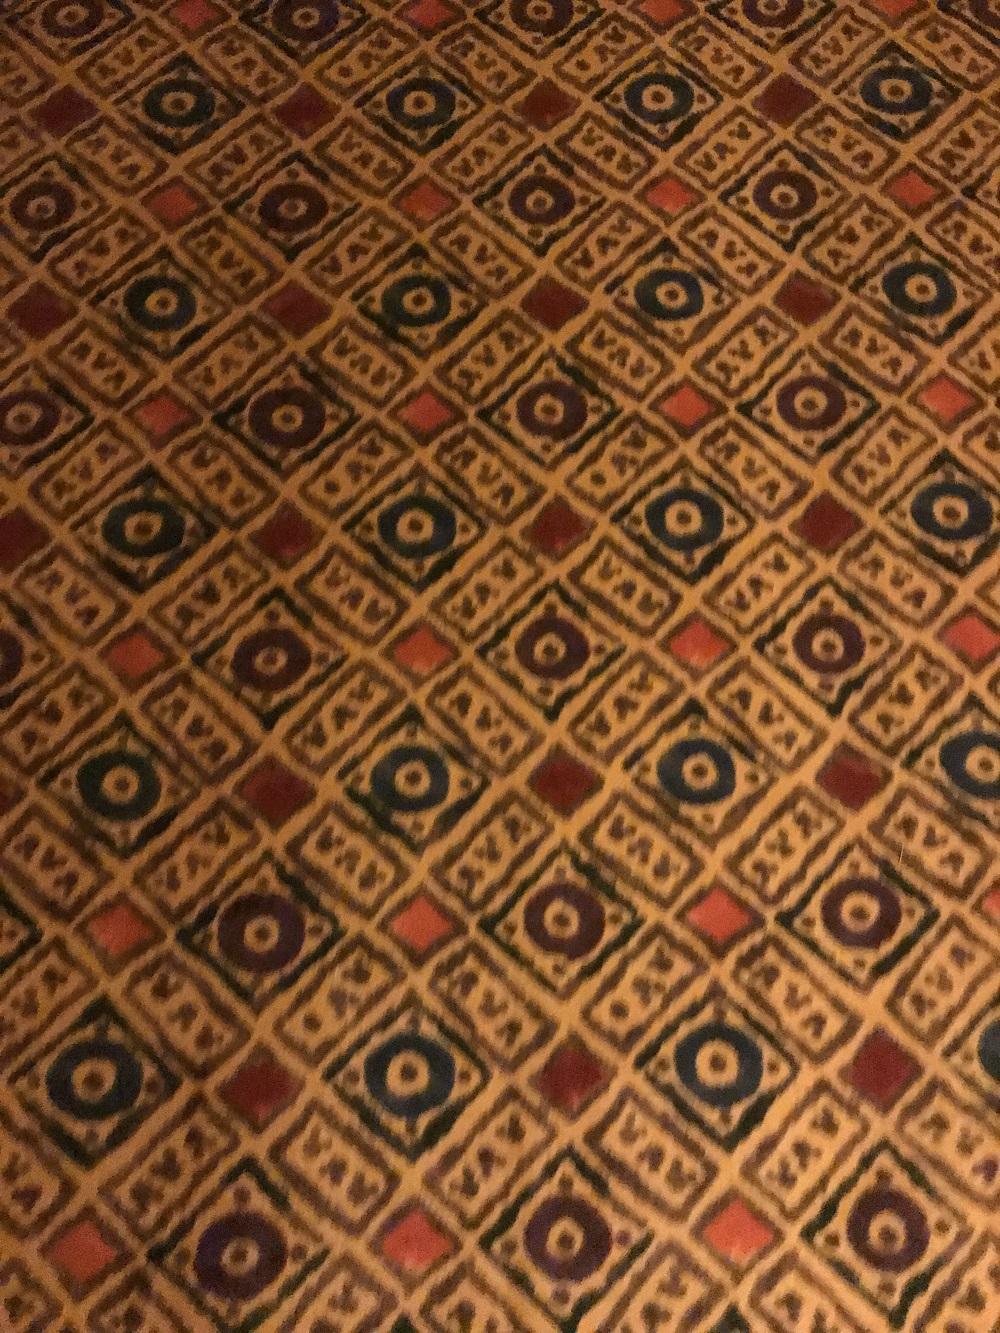 絨毯には隠れミッキー